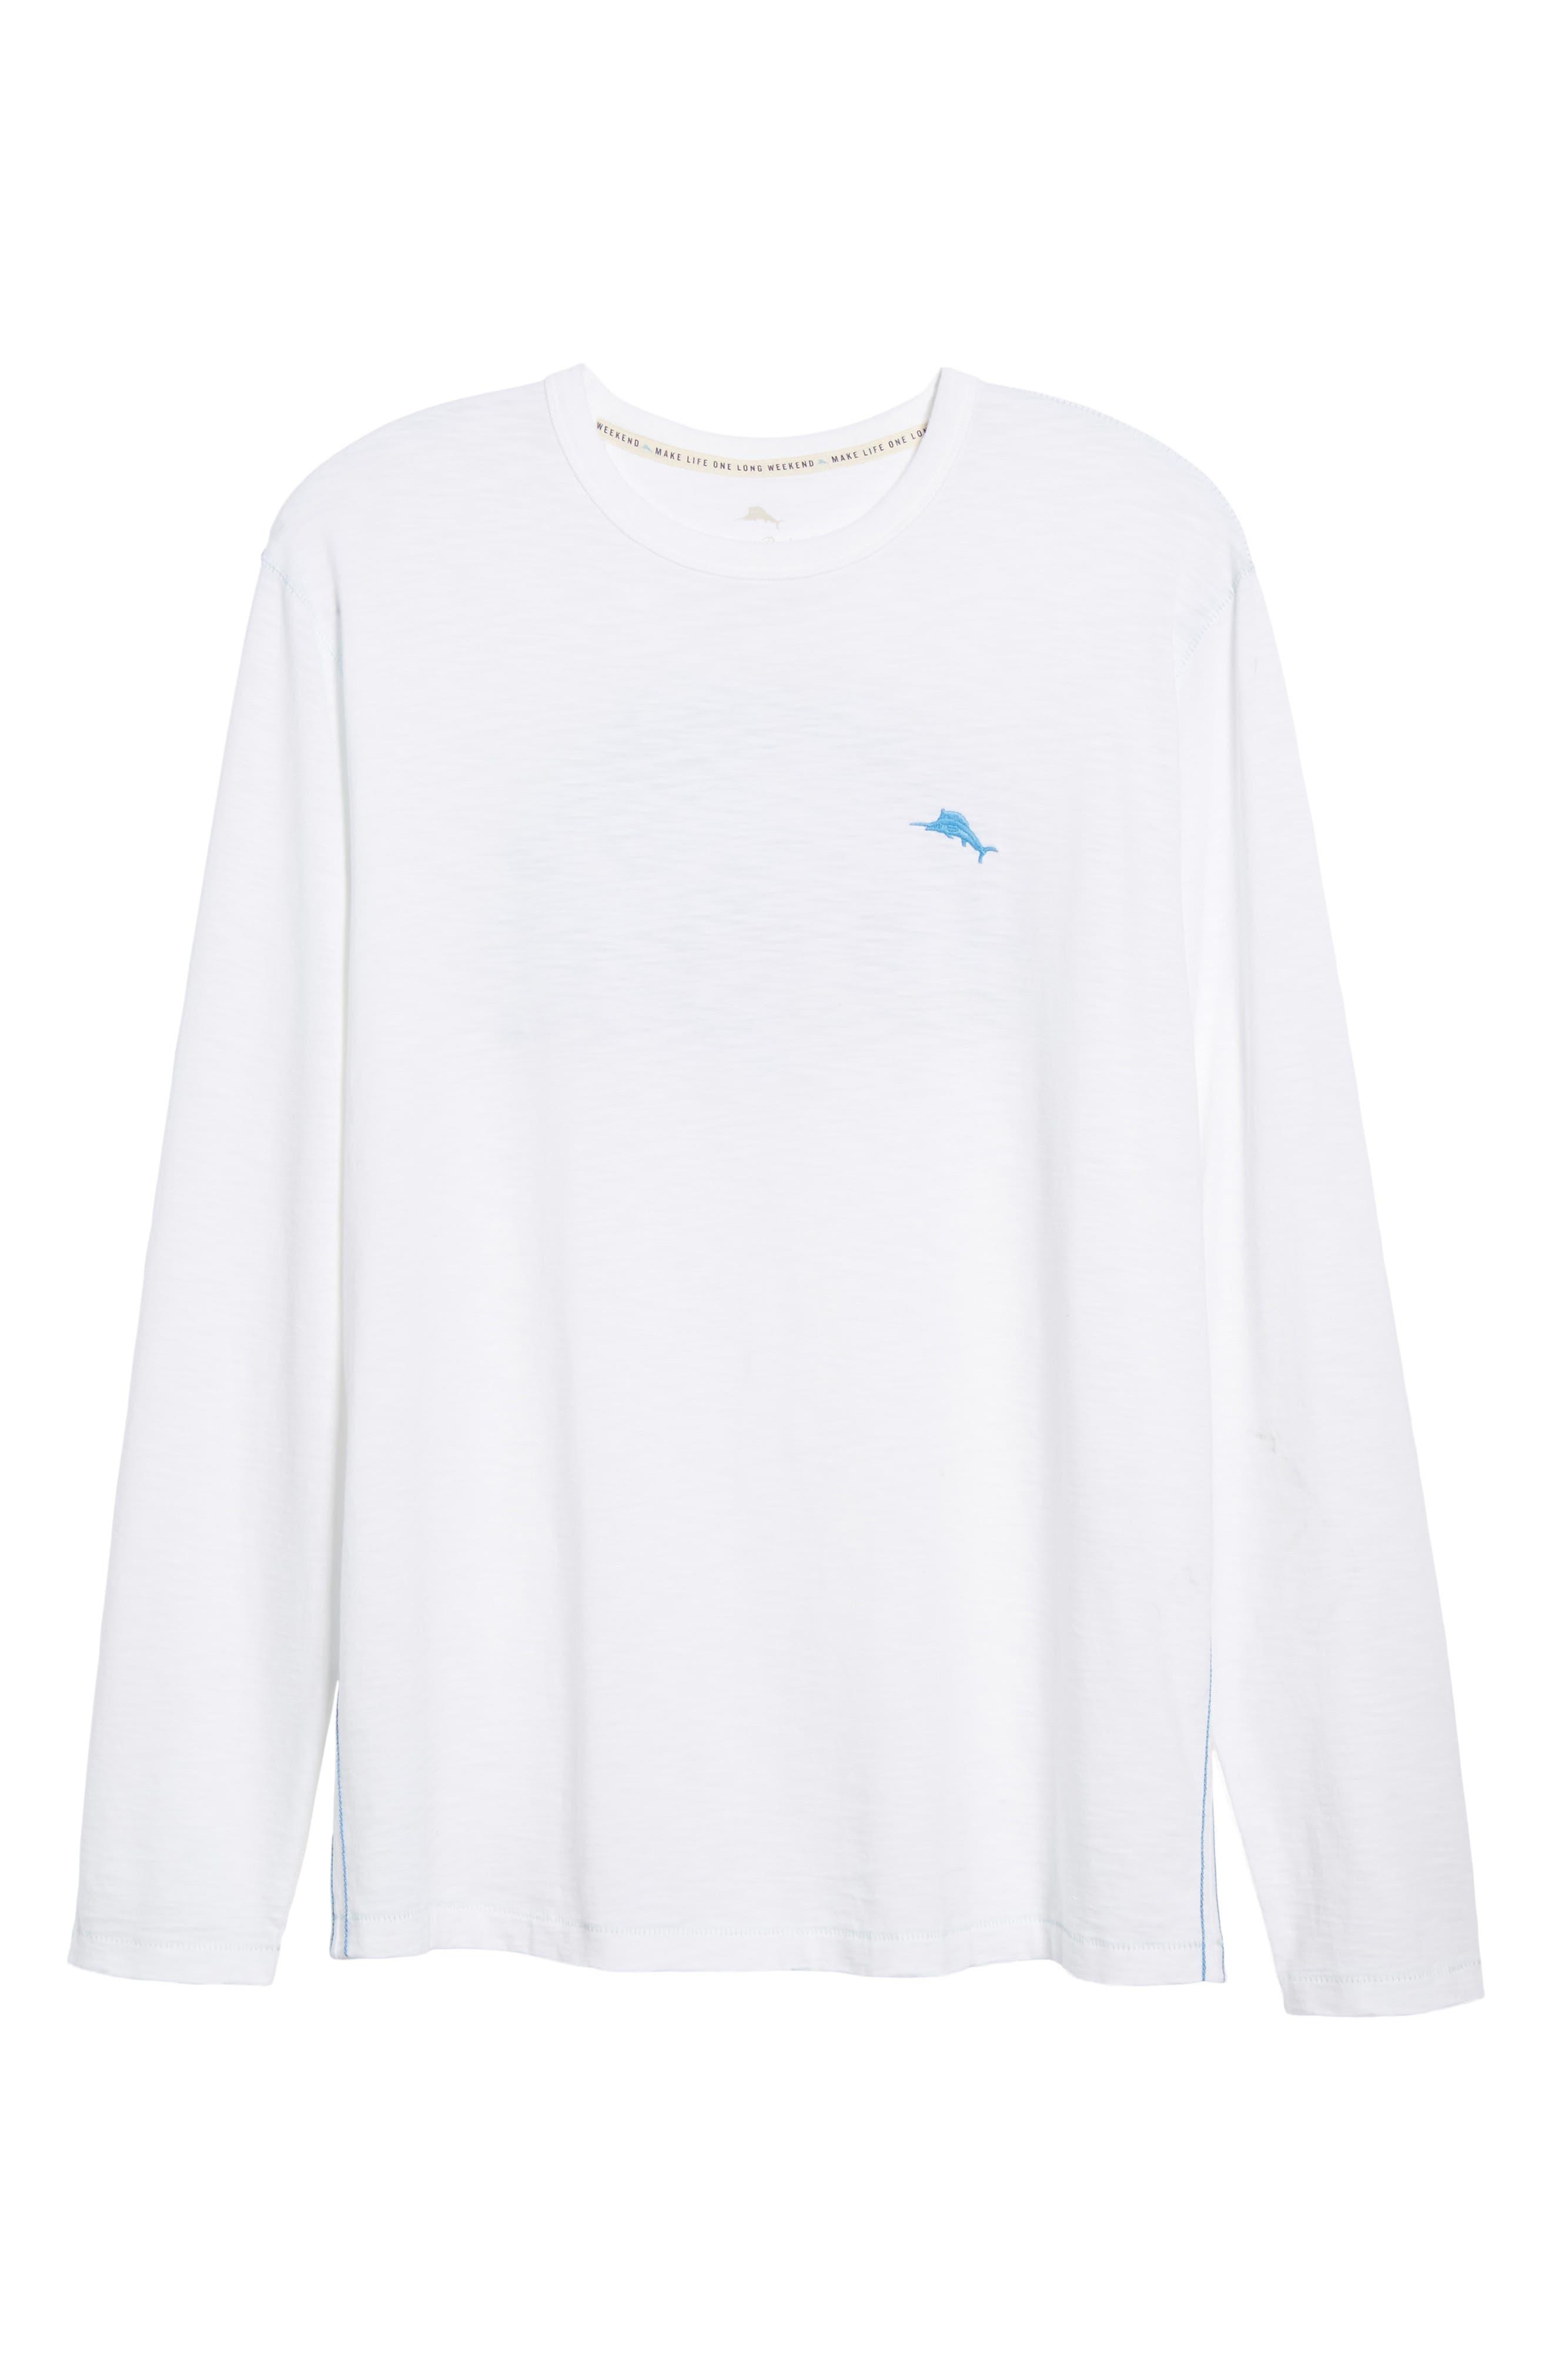 Palmae Beach Lux T-Shirt,                             Alternate thumbnail 6, color,                             White